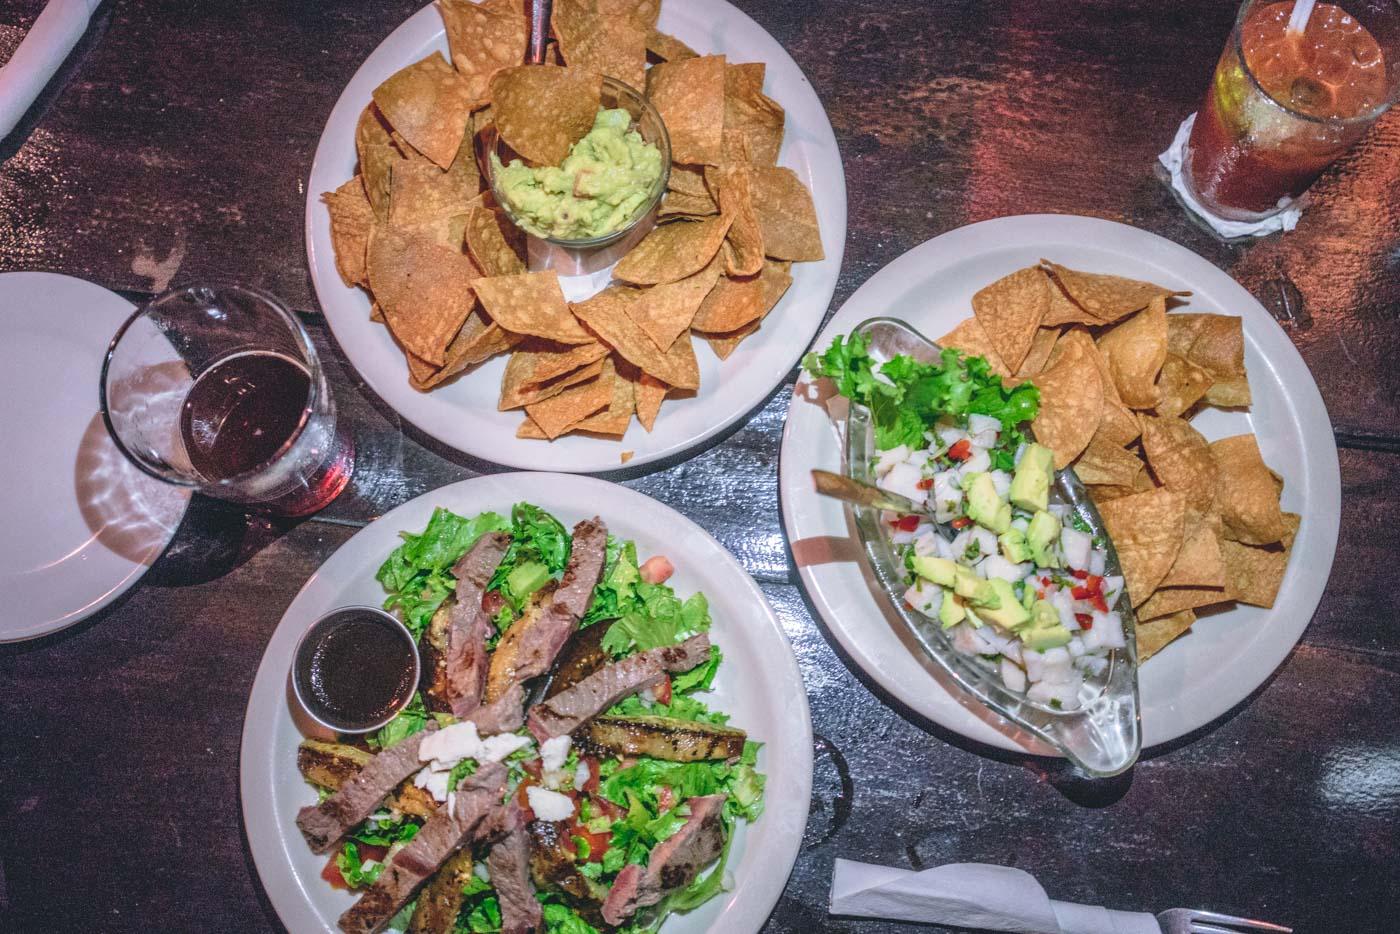 Arenal Costa Rica: Ceviche, guacamole and a steak salad at Lava Bar, La Fortuna